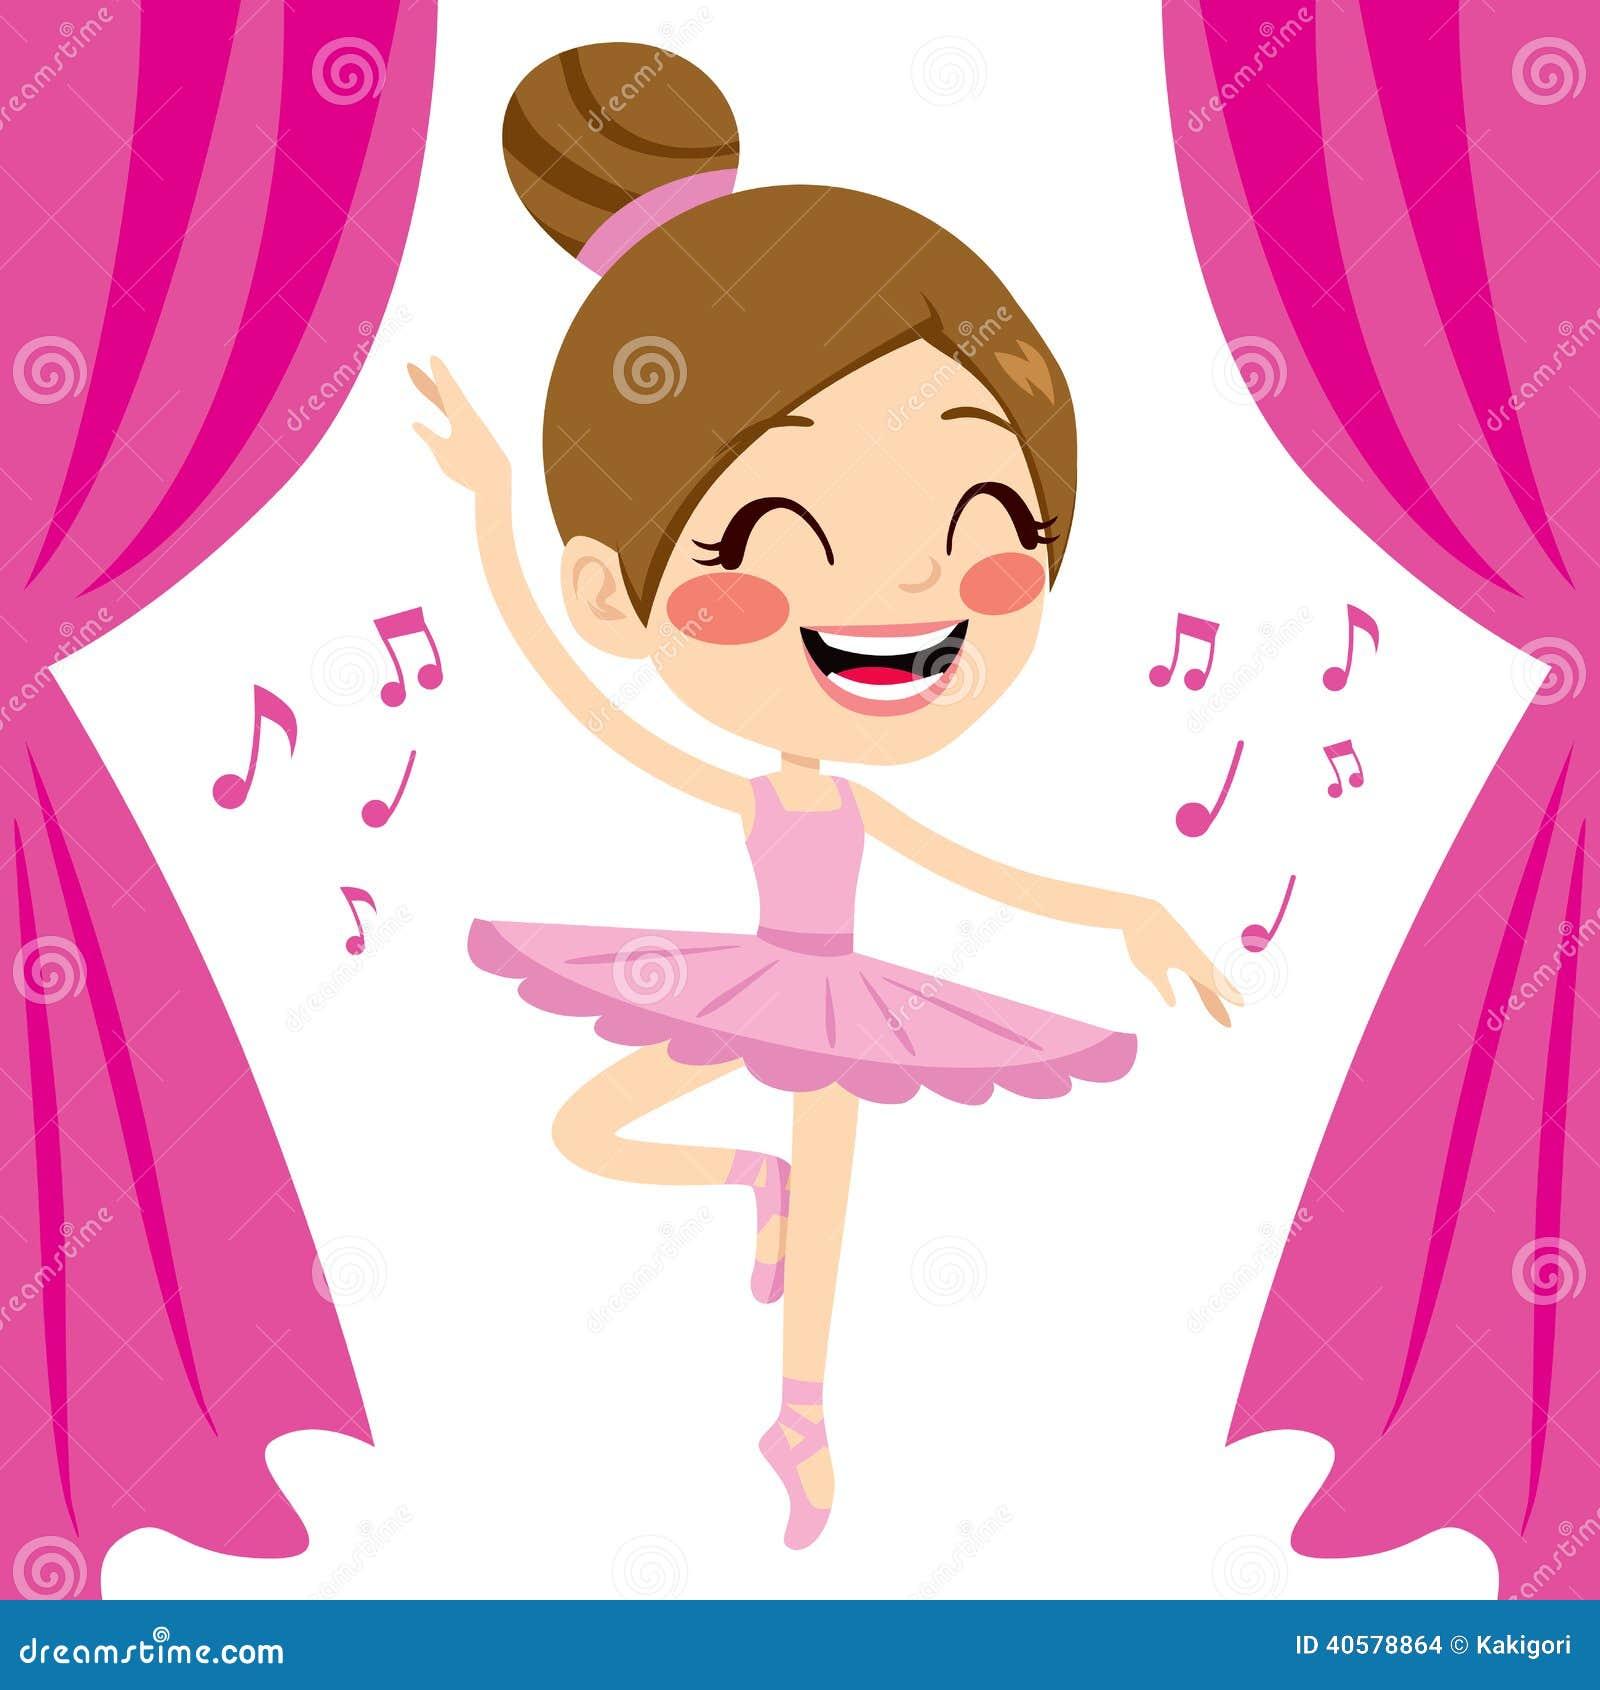 pink ballerina tutu dancer stock vector image 40578864. Black Bedroom Furniture Sets. Home Design Ideas